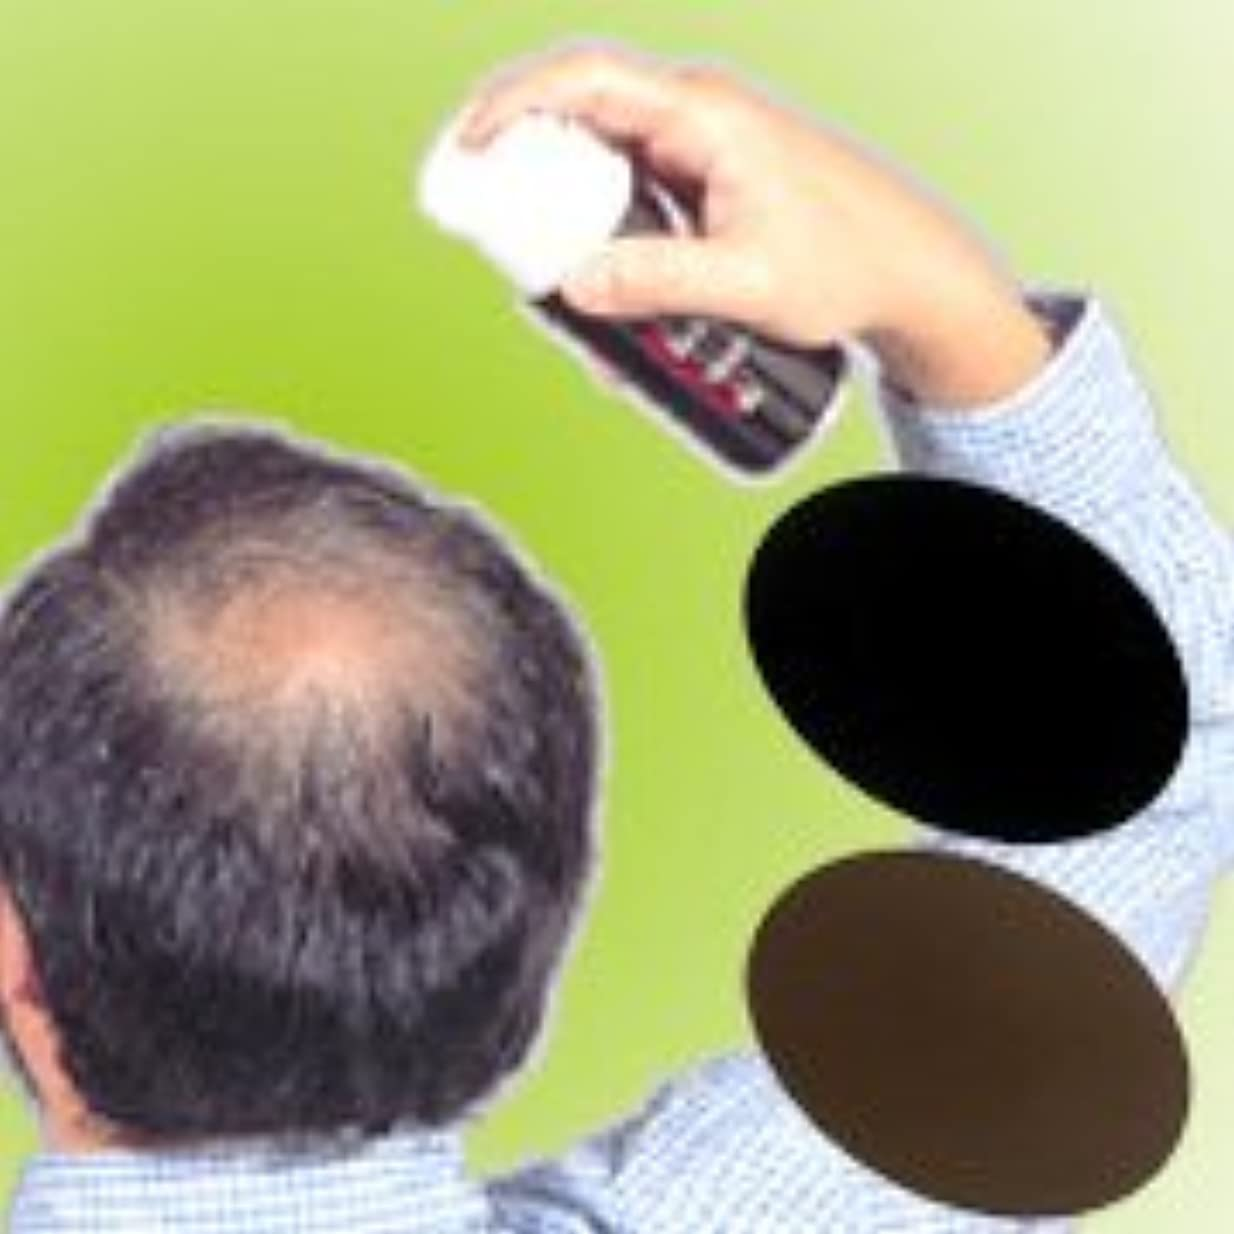 バトル便利さ有能な薄毛?白髪をワンタッチで隠します!男女兼用タイプの増毛スプレー!!【トミーリッチ ブラックヘアー】 (注意!商品の内訳は「ブラウン<数量12単位>」のみ)